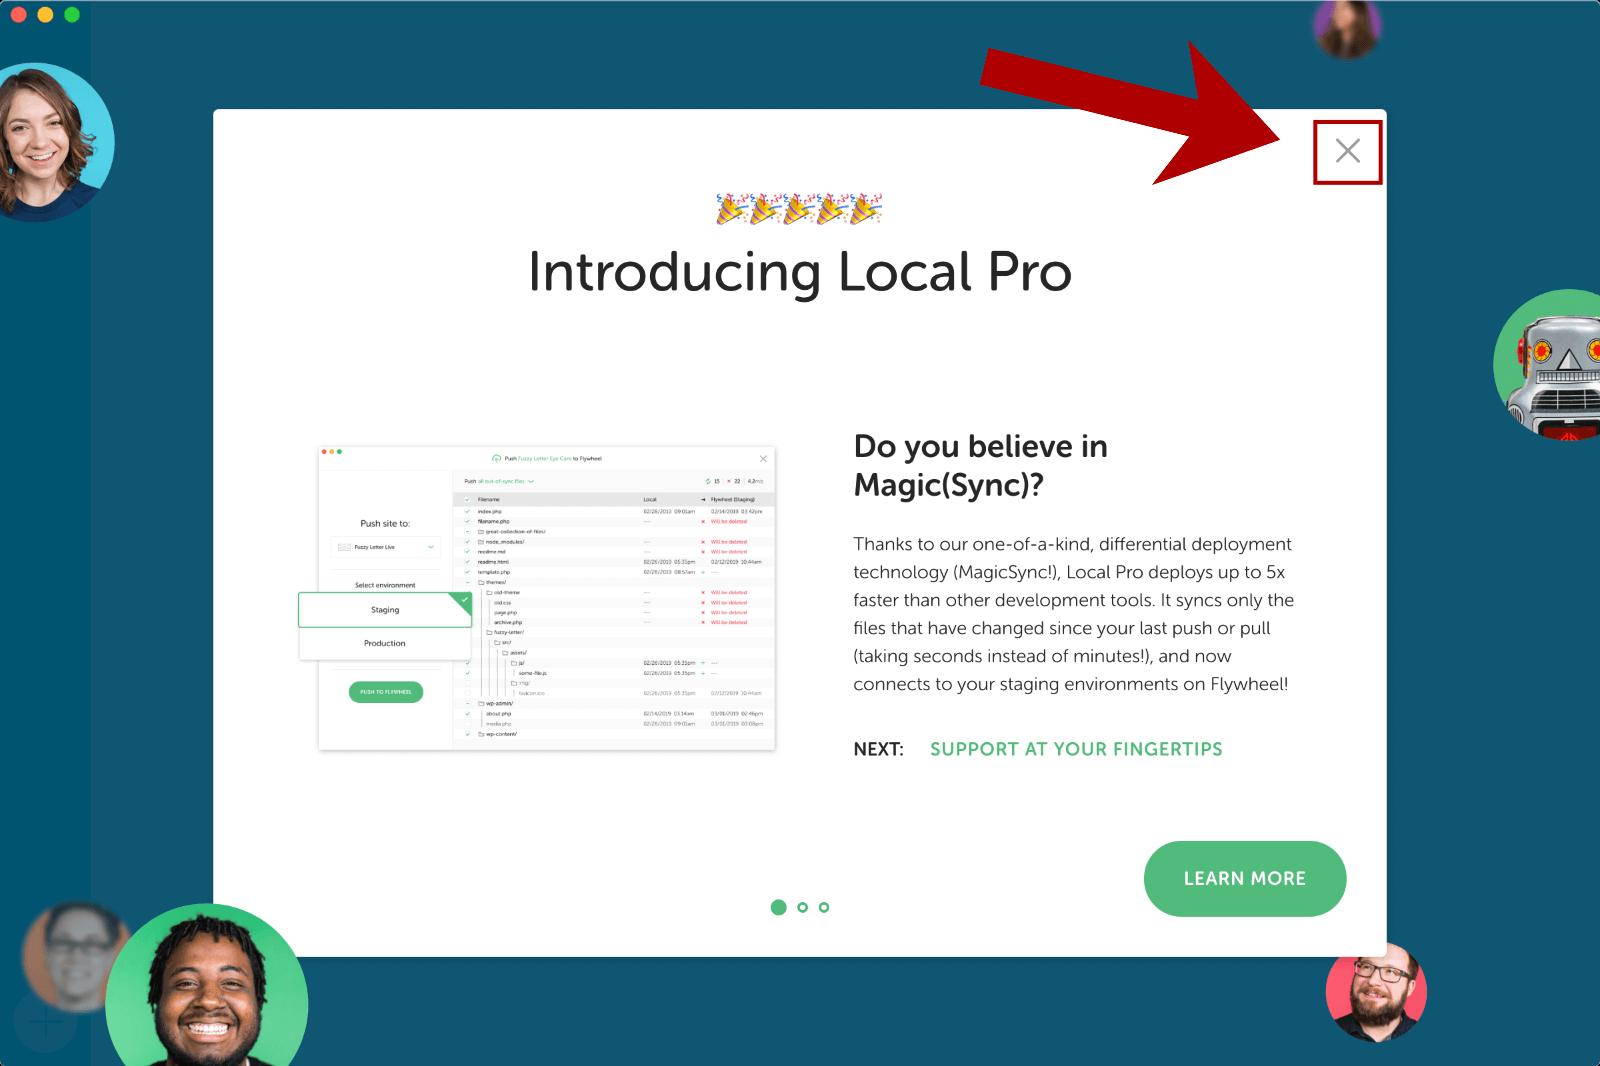 Pro版に関する案内をスキップ